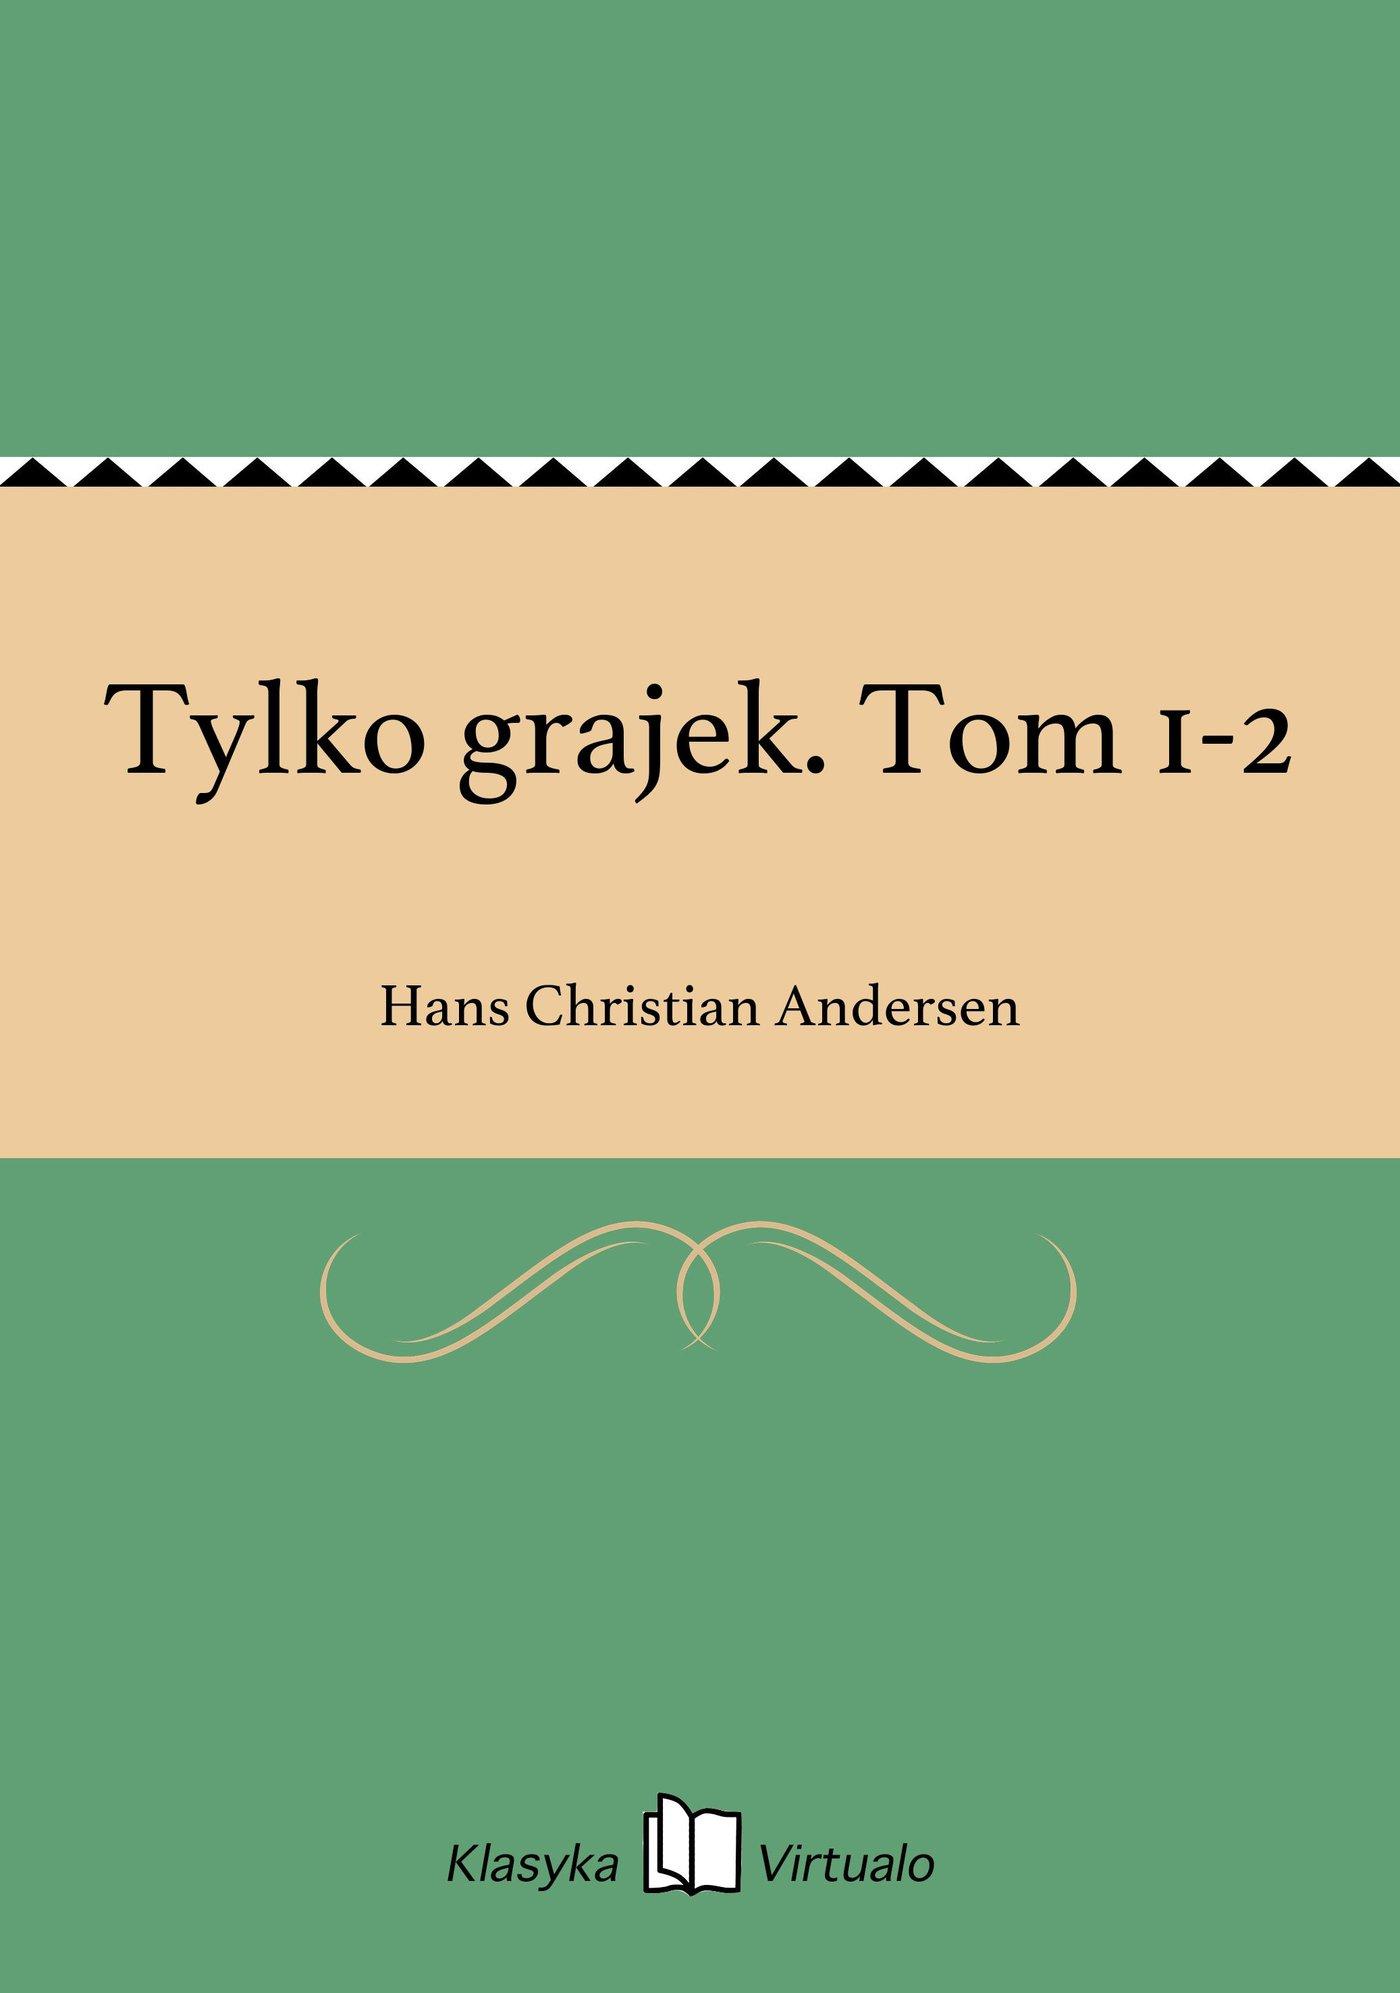 Tylko grajek. Tom 1-2 - Ebook (Książka na Kindle) do pobrania w formacie MOBI